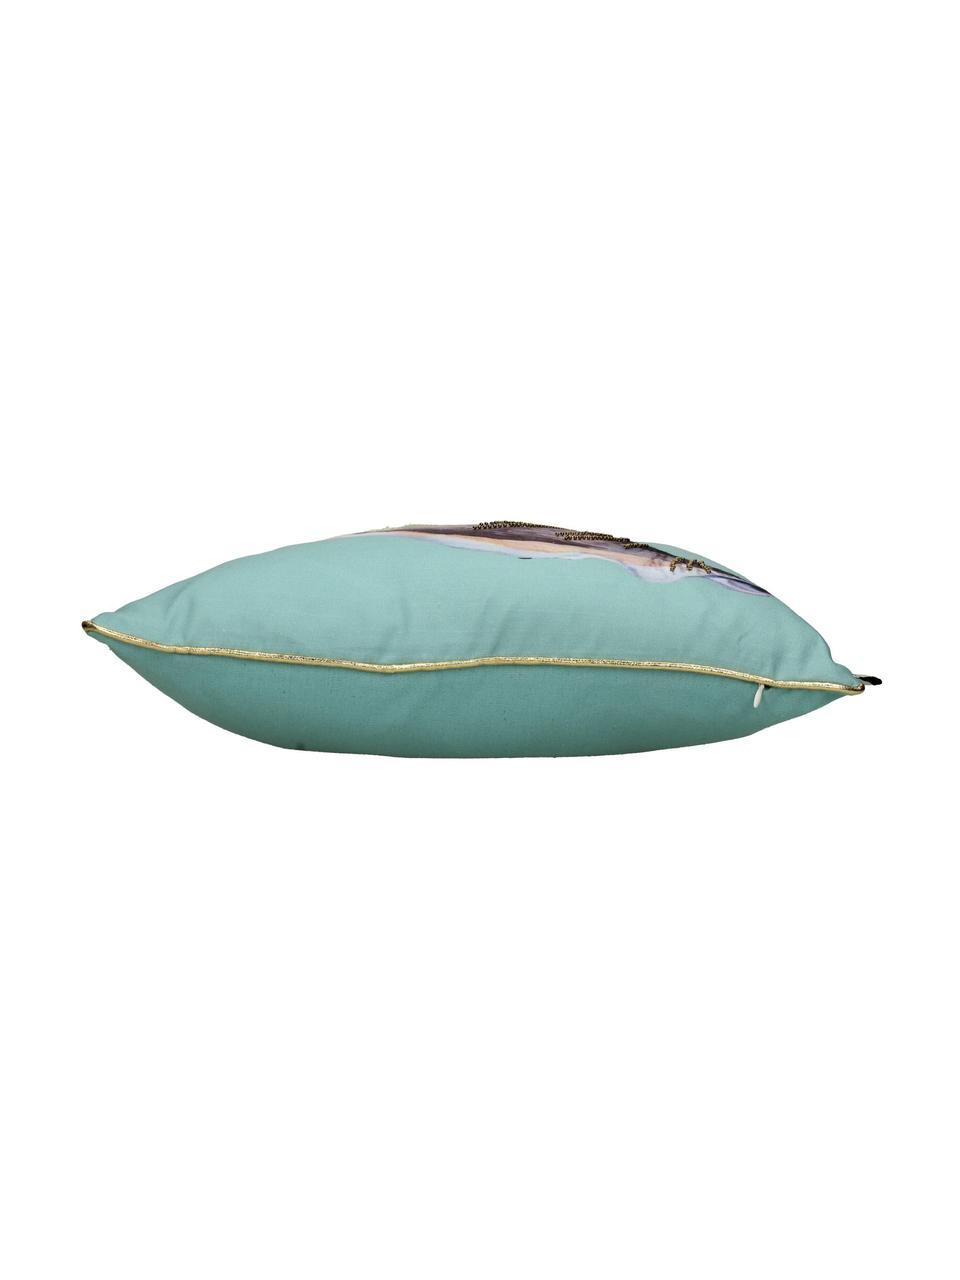 Outdoor-Kissen Shell mit kleinen bestickten Perlen, mit Inlett, Türkis, Mehrfarbig, 45 x 45 cm